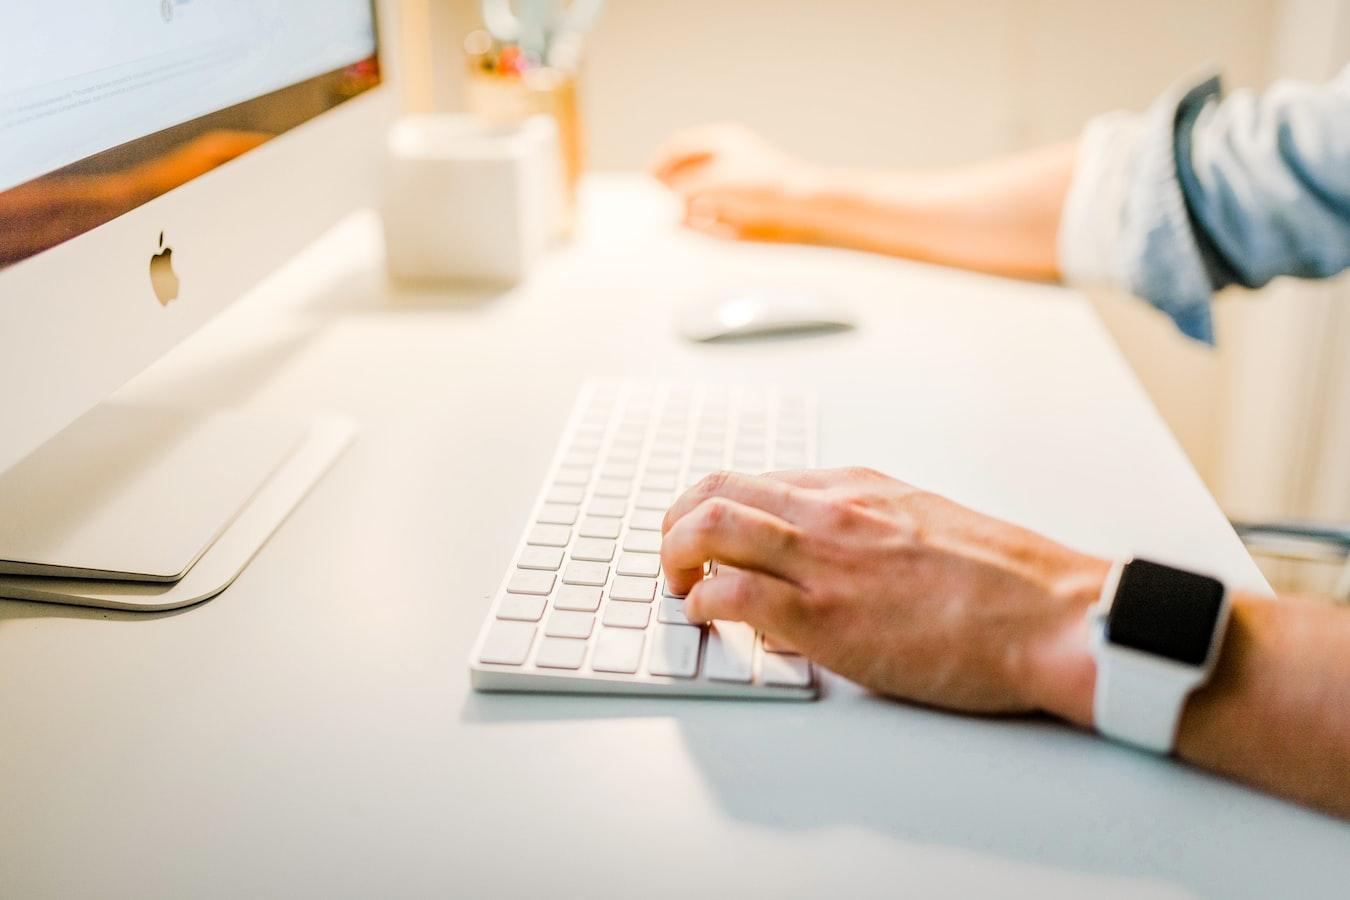 Anahtar Kelime Bulma Uygulamaları işi yerinizin arama listelerinde görünürlüğünüzü arttırarak potansiyel müşteri elde etmenizi sağlar.